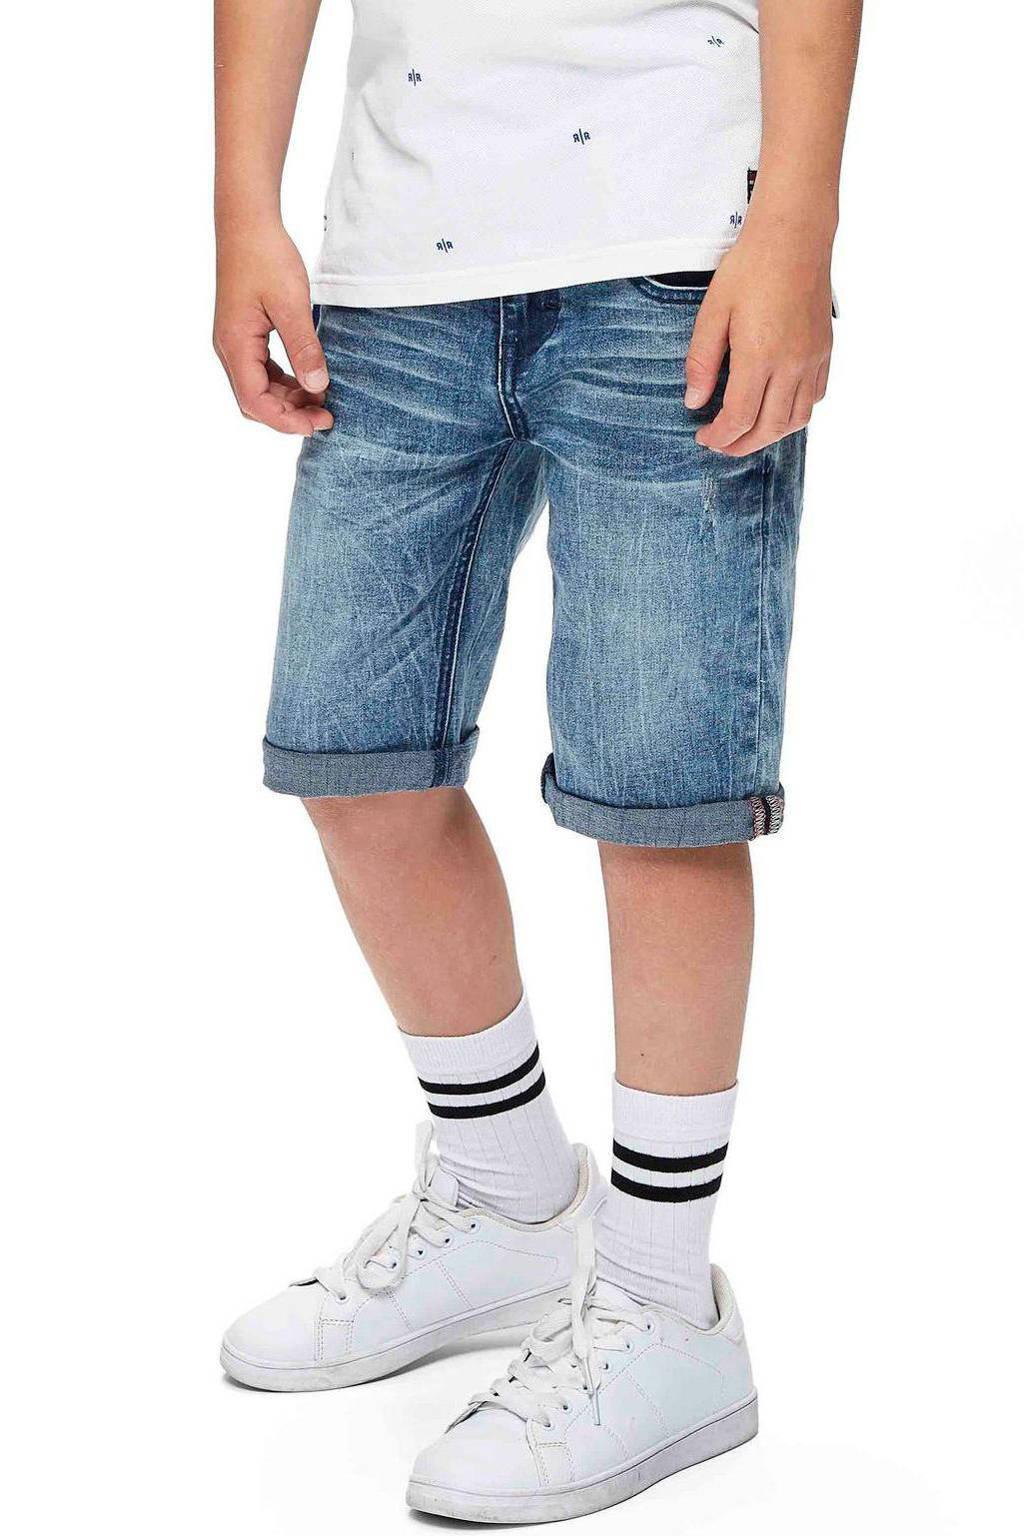 Retour Denim regular fit jeans bermuda Reve light denim stonewashed, Light denim stonewashed